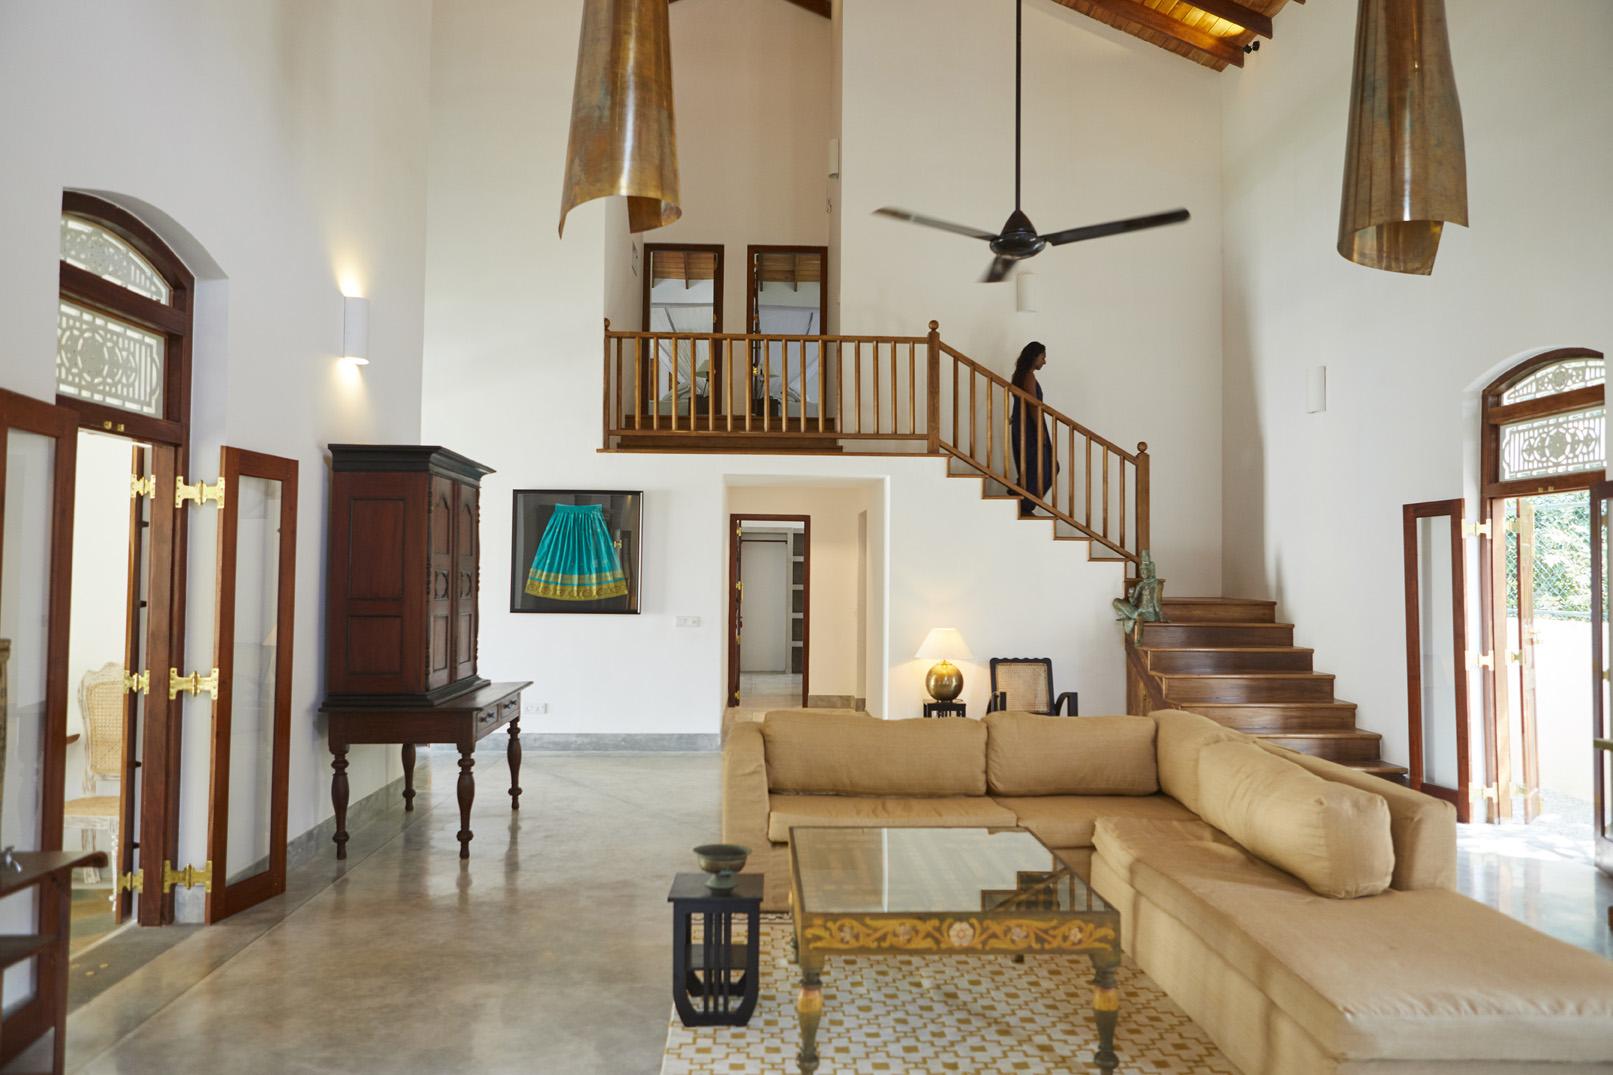 Sri Lanka Luxury Villa Design And Build British Institute Of Interior Design